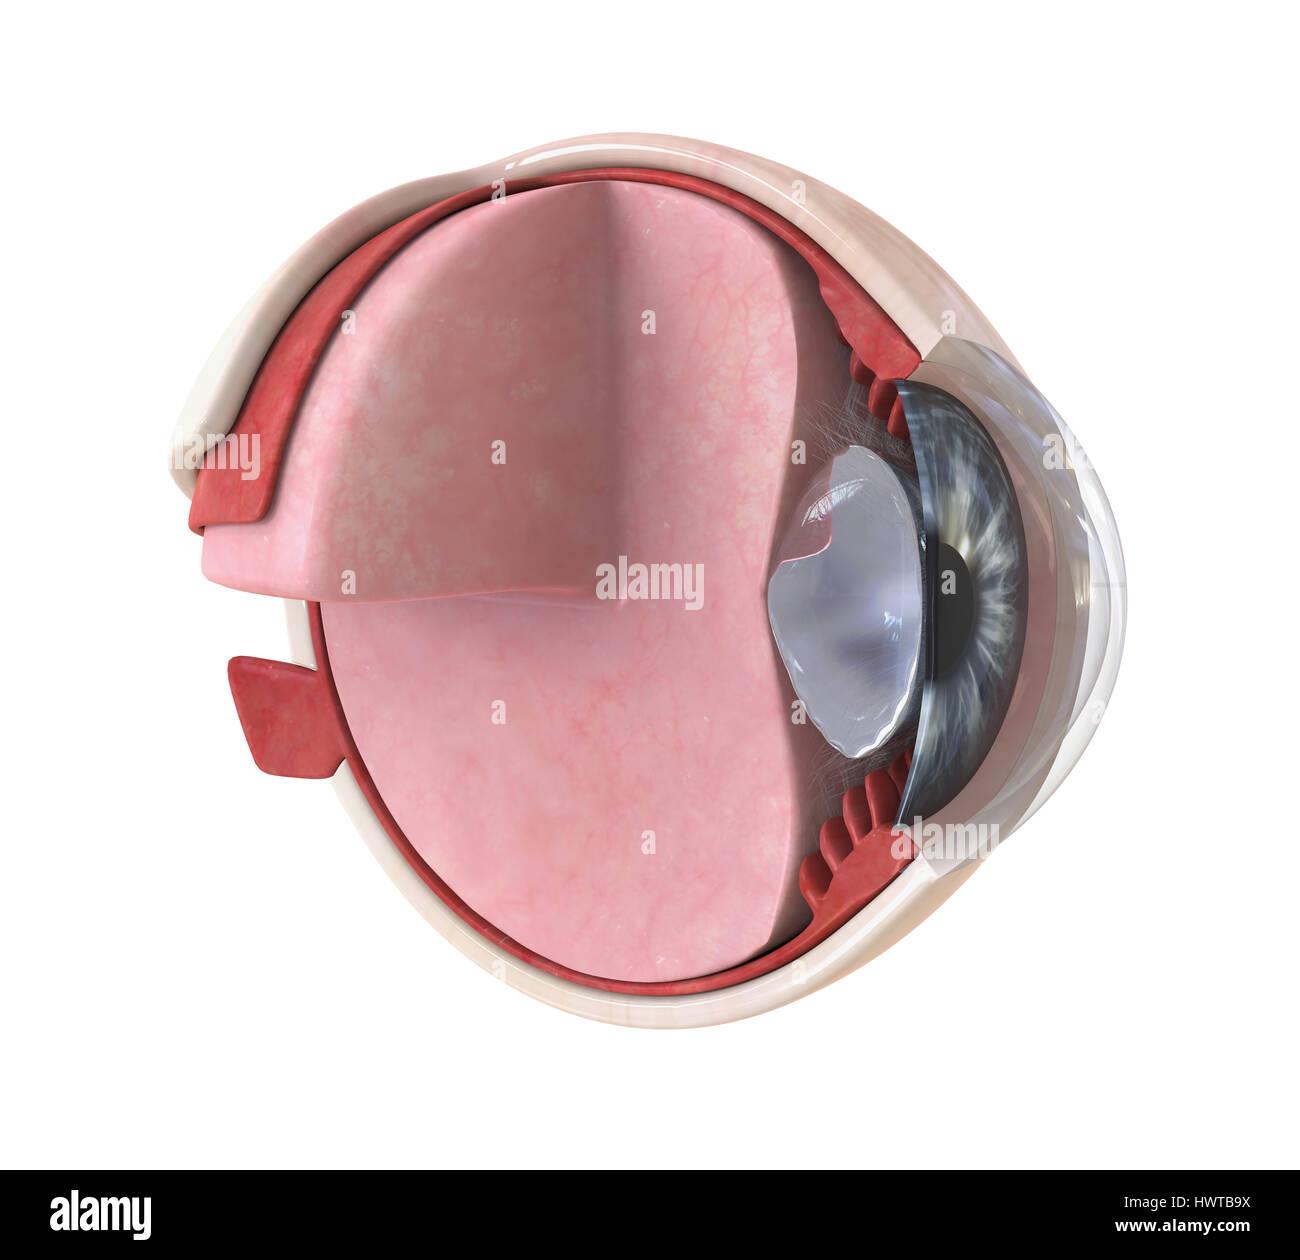 Menschliche Auge Anatomie isoliert Stockfoto, Bild: 136374726 - Alamy